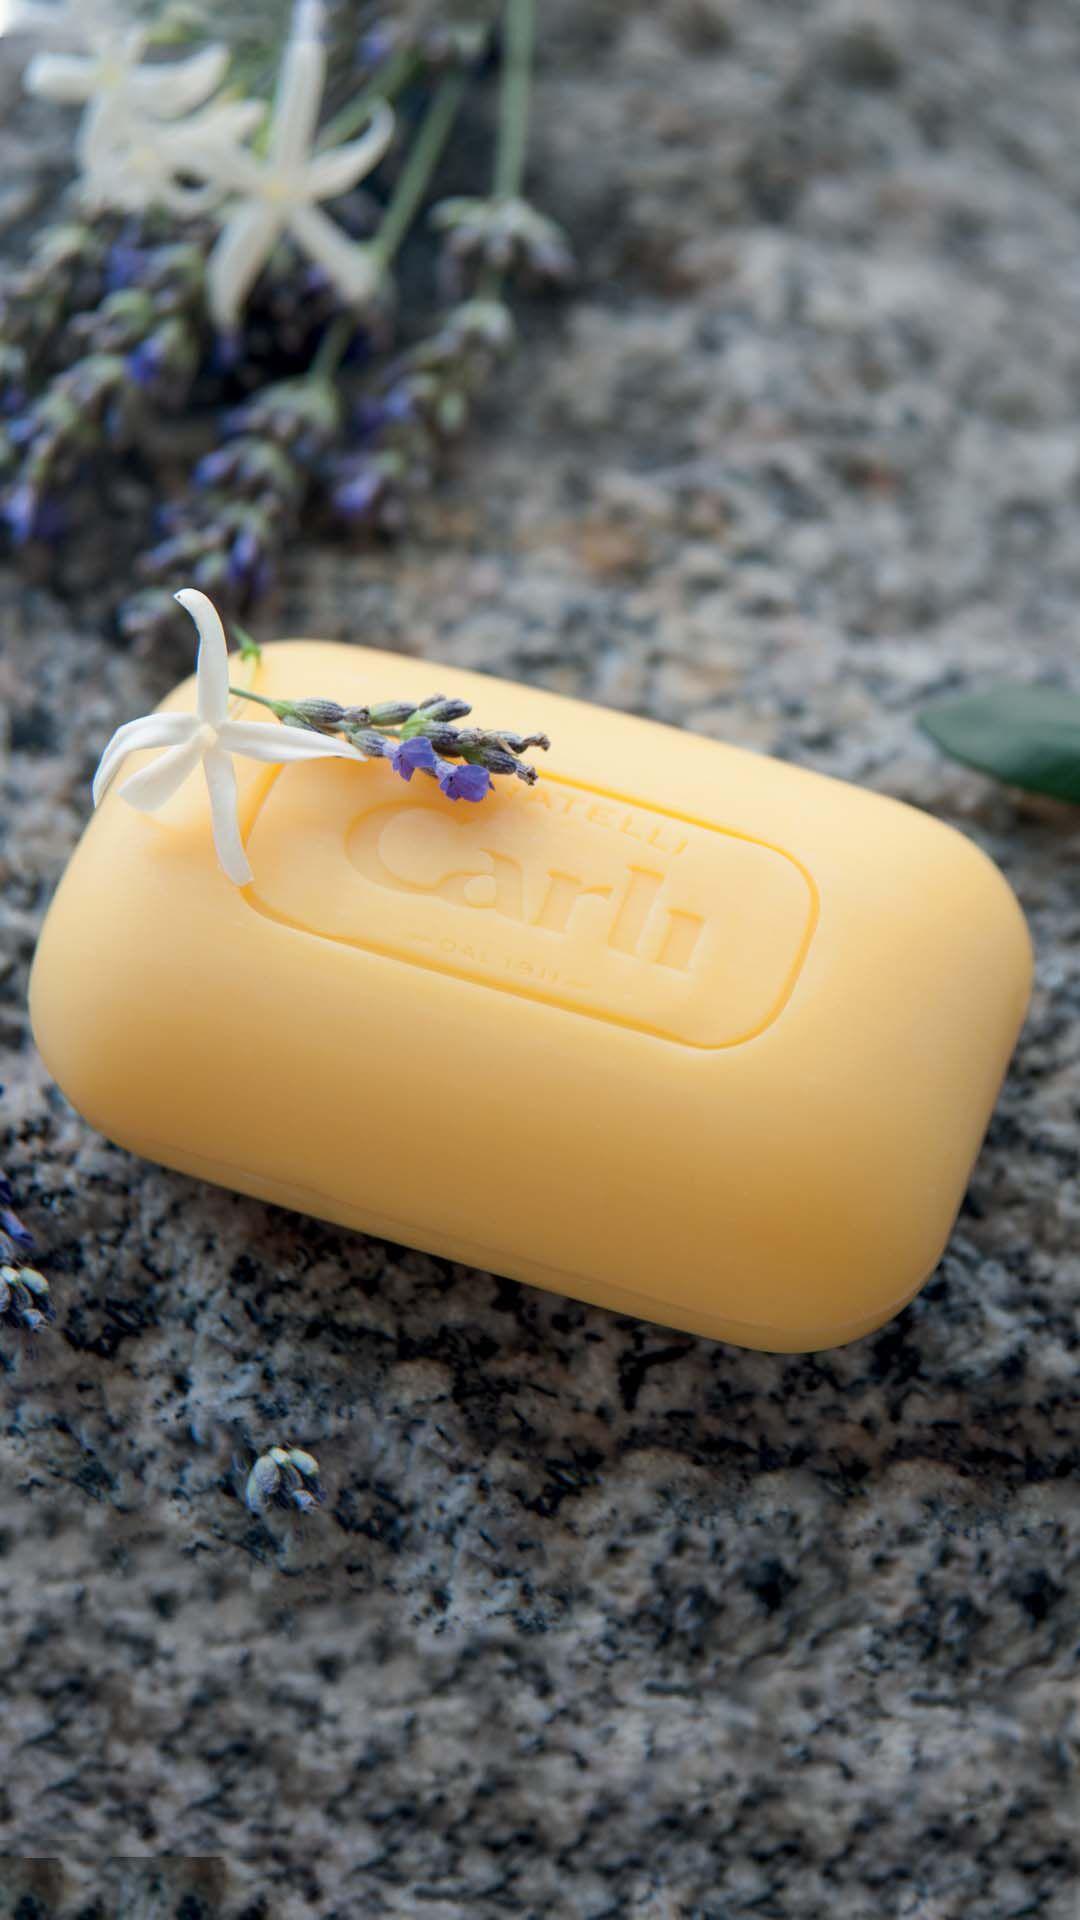 NWGU - 6 Bars Olive Oil Soap